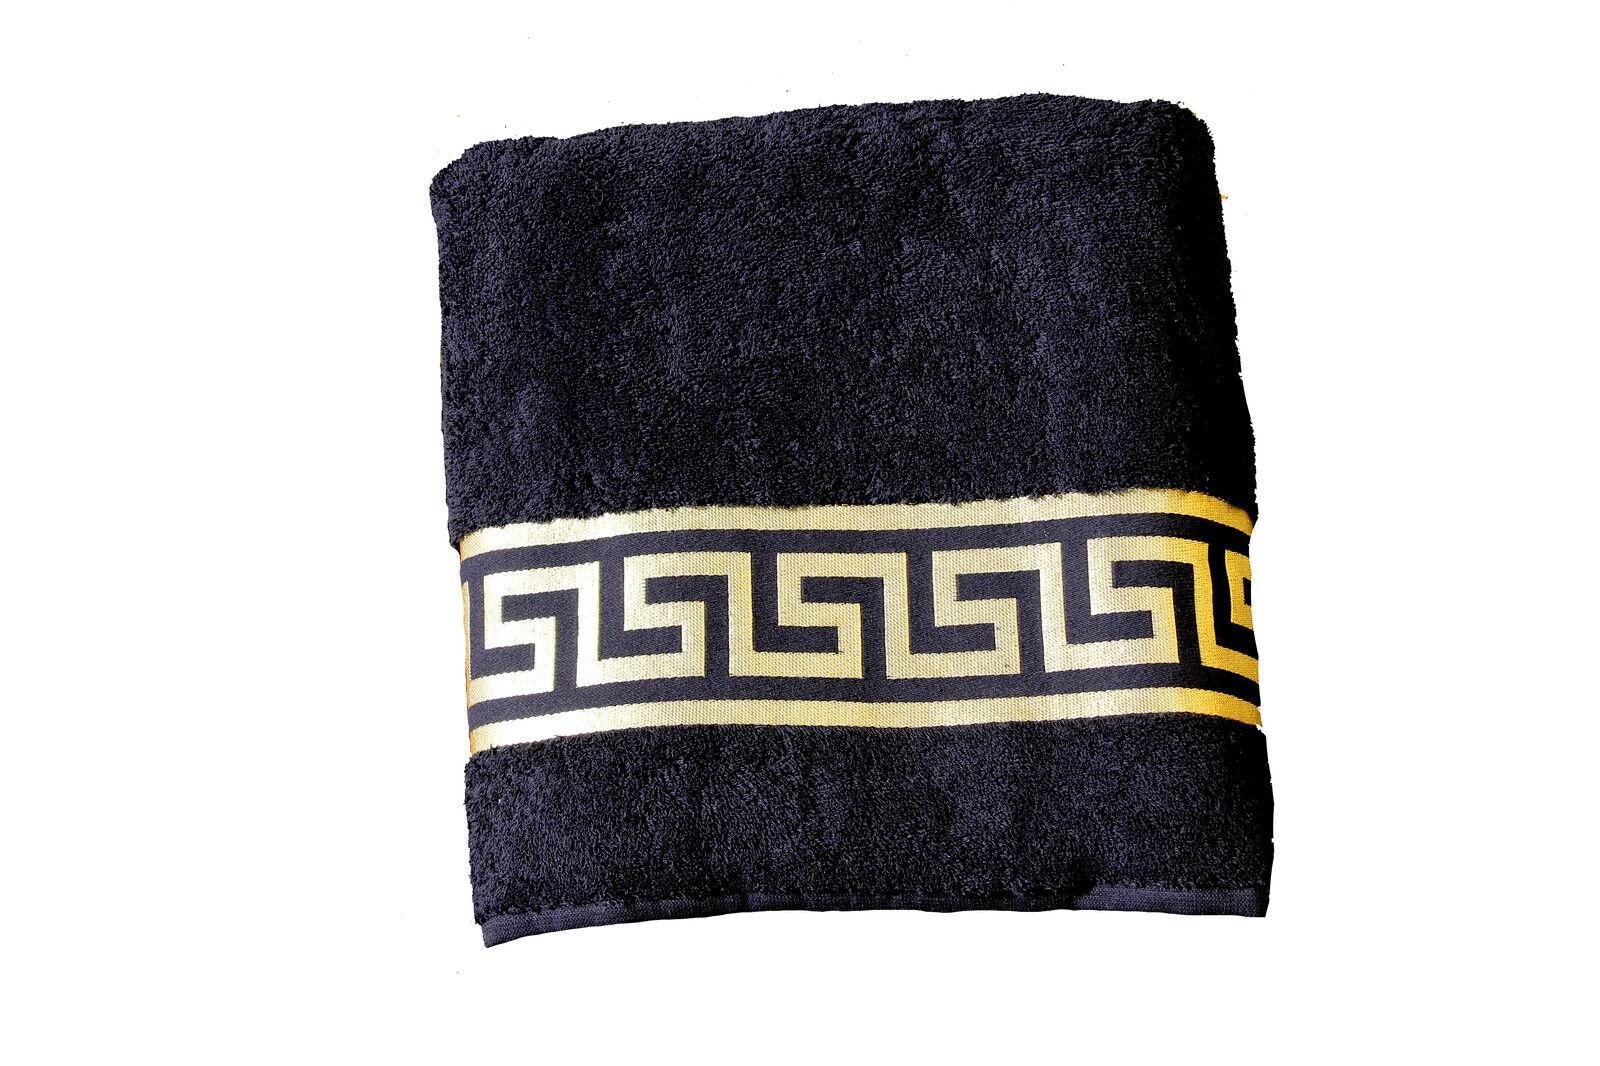 Mäander Handtücher 100/% Baumwolle Meander Medusa Schwarz-Gold towel versac